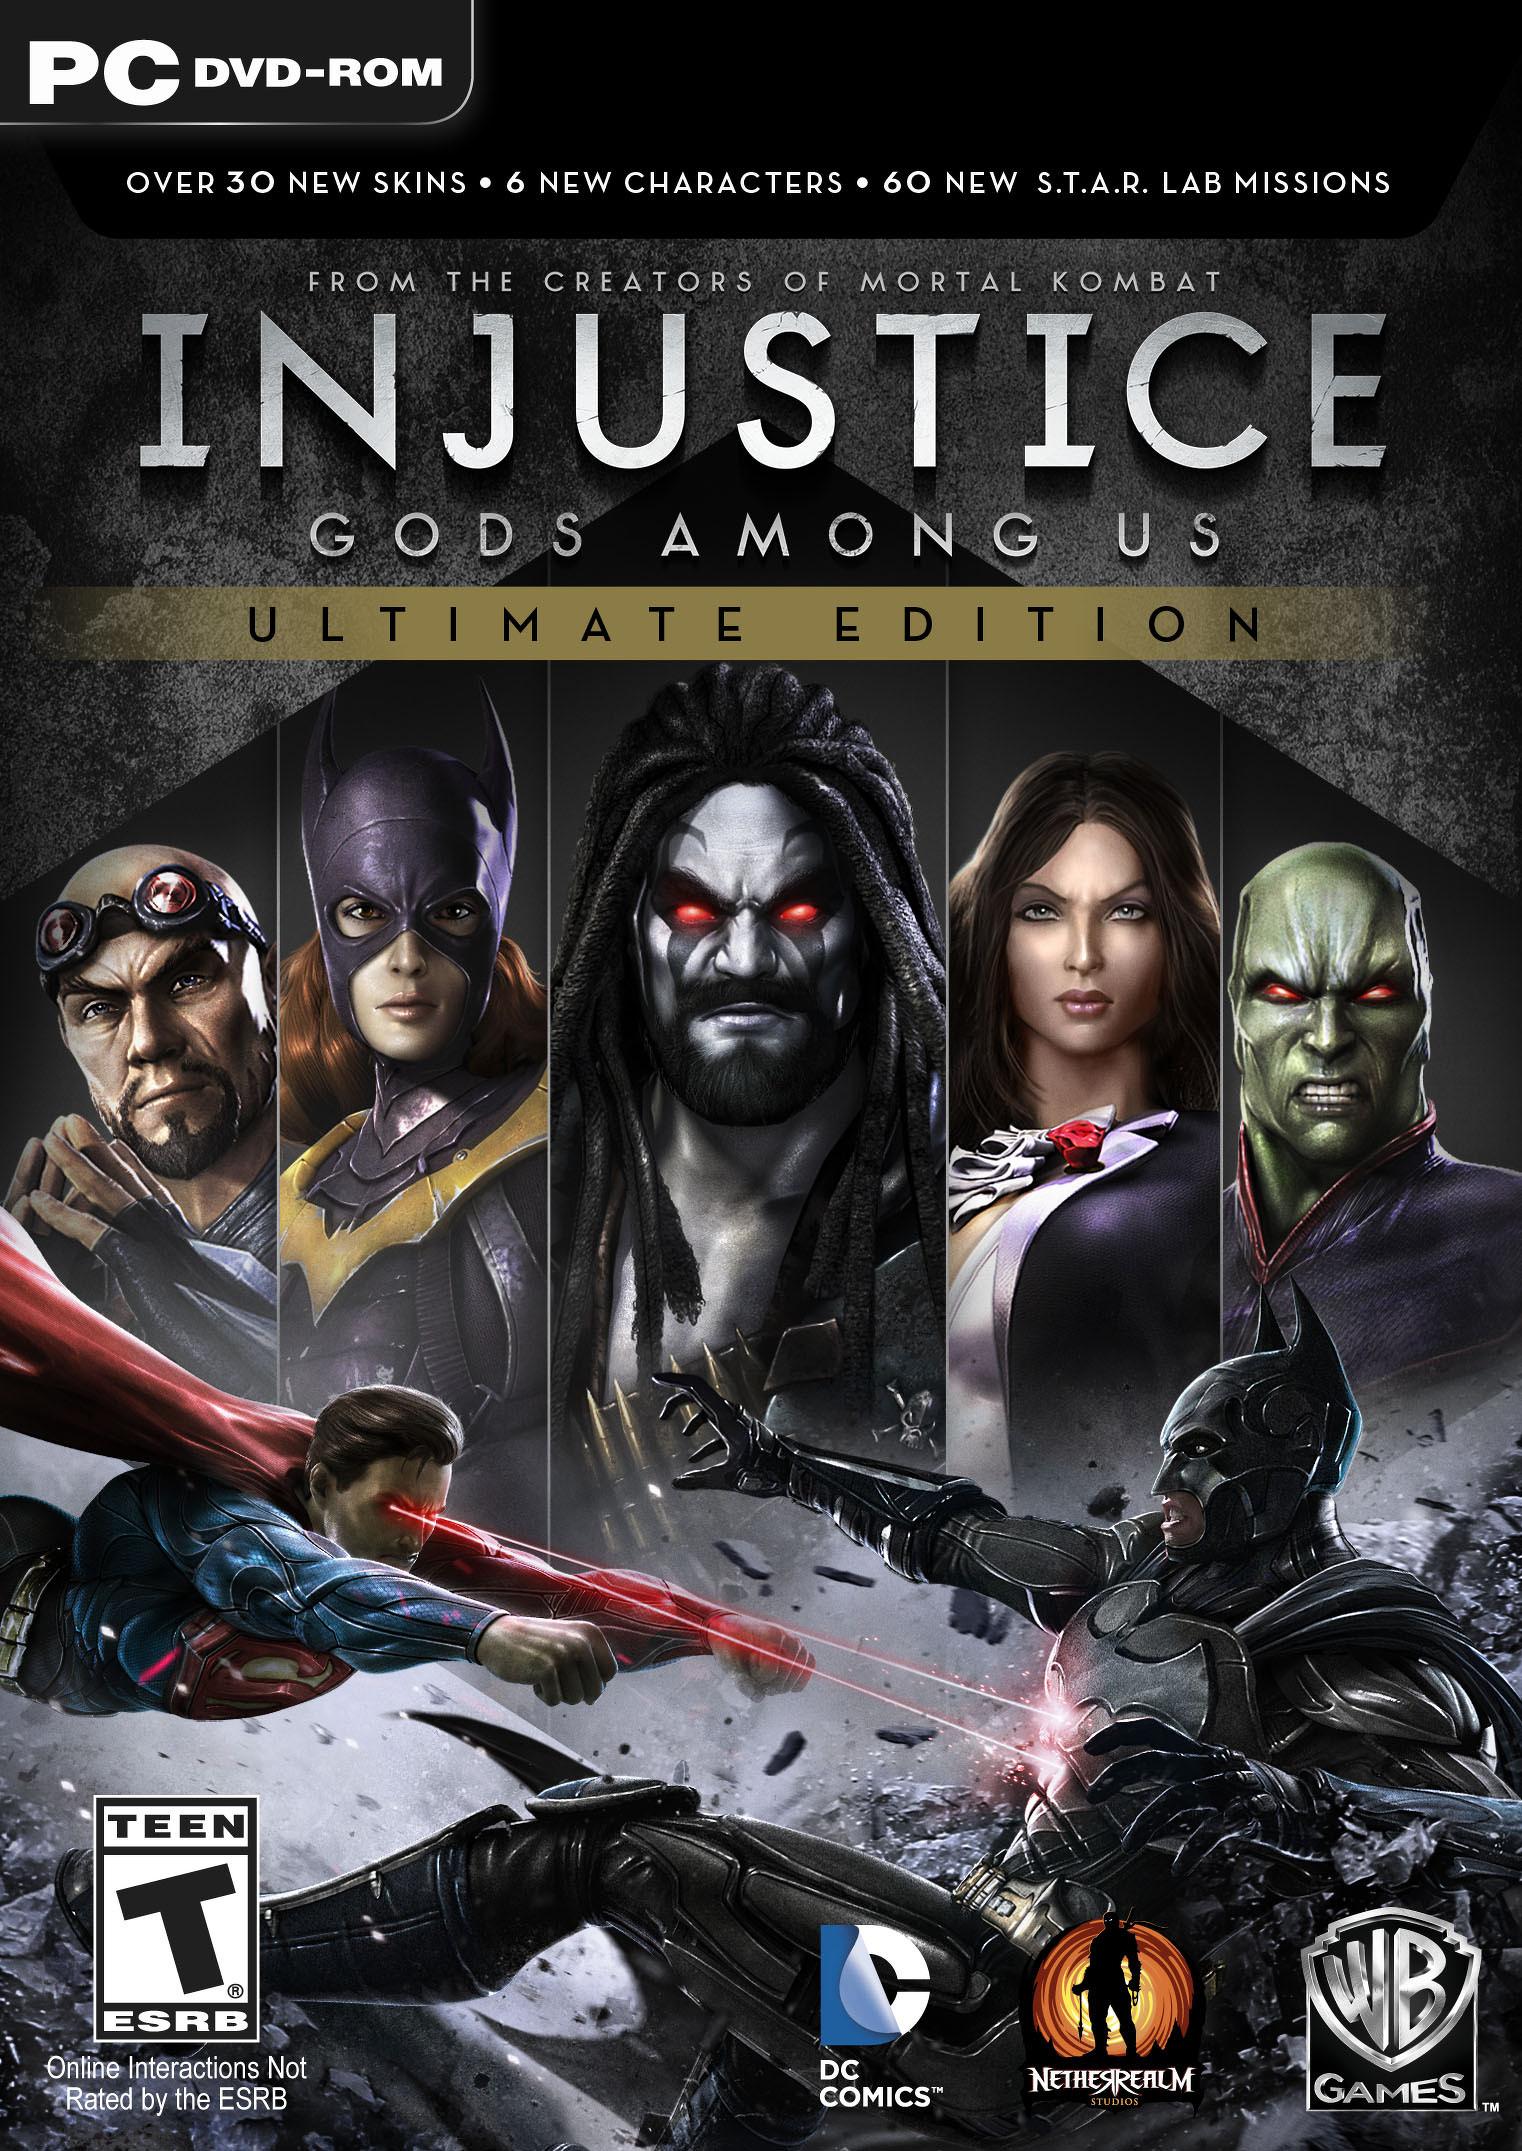 Bojovka Injustice: Gods Among Us oznámena pro PC, PS4 a Vita 88624